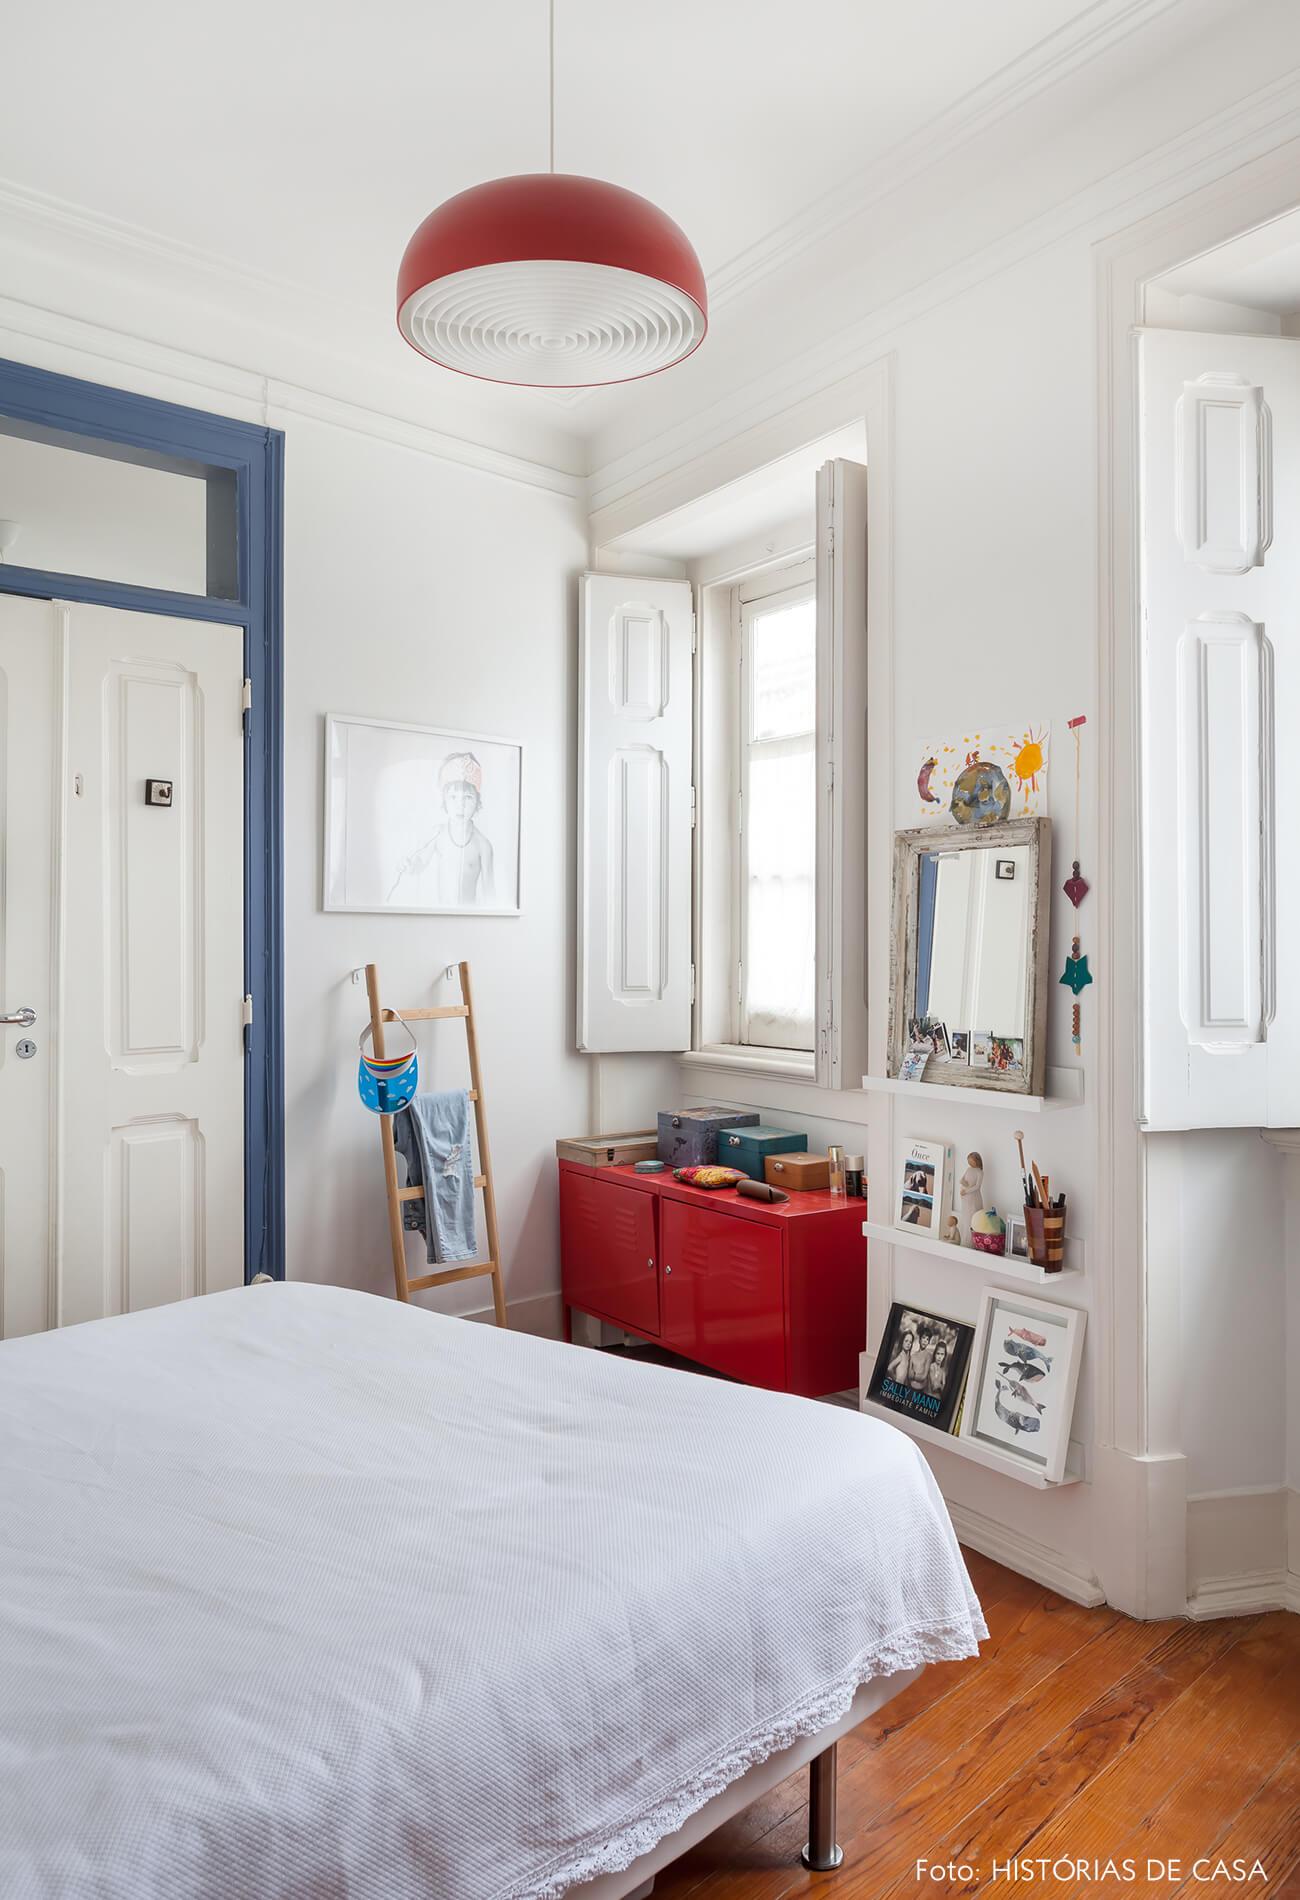 mariana-portugal-decoração-quarto-branco-com-detalhe-porta-azul-e-movel-vermelho